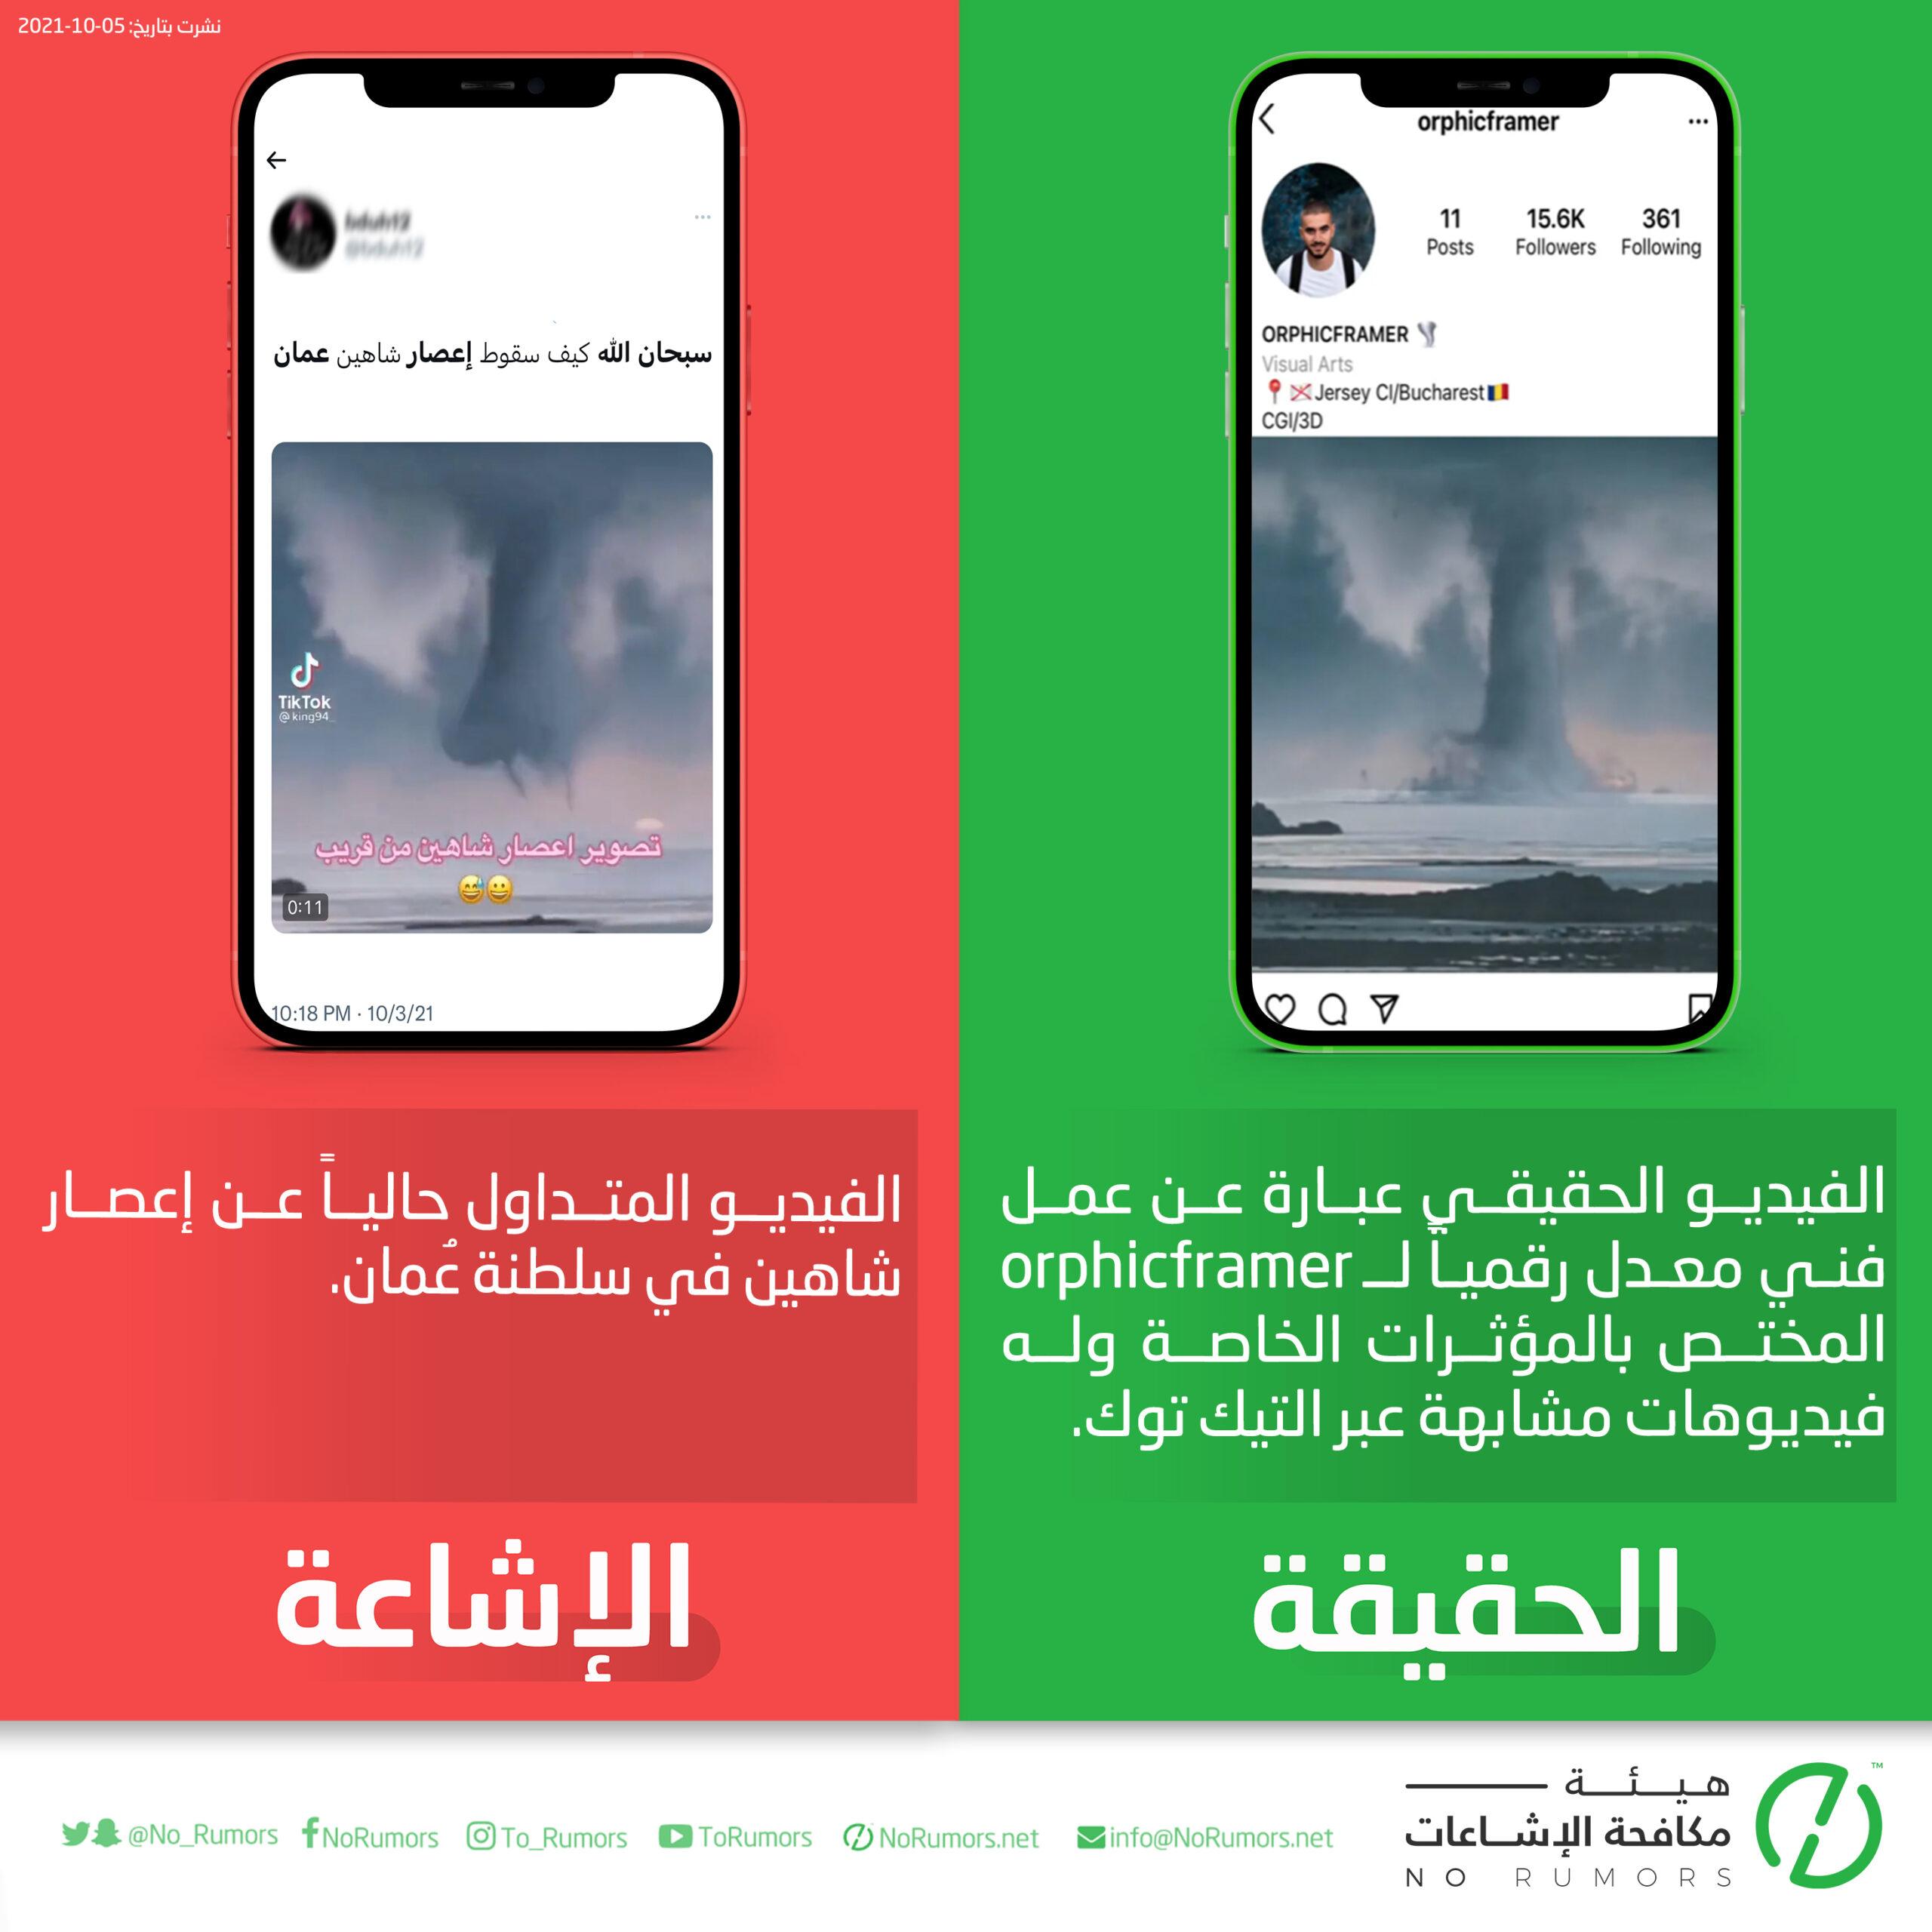 حقيقة الفيديو المتداول عن إعصار شاهين في سلطنة عمان